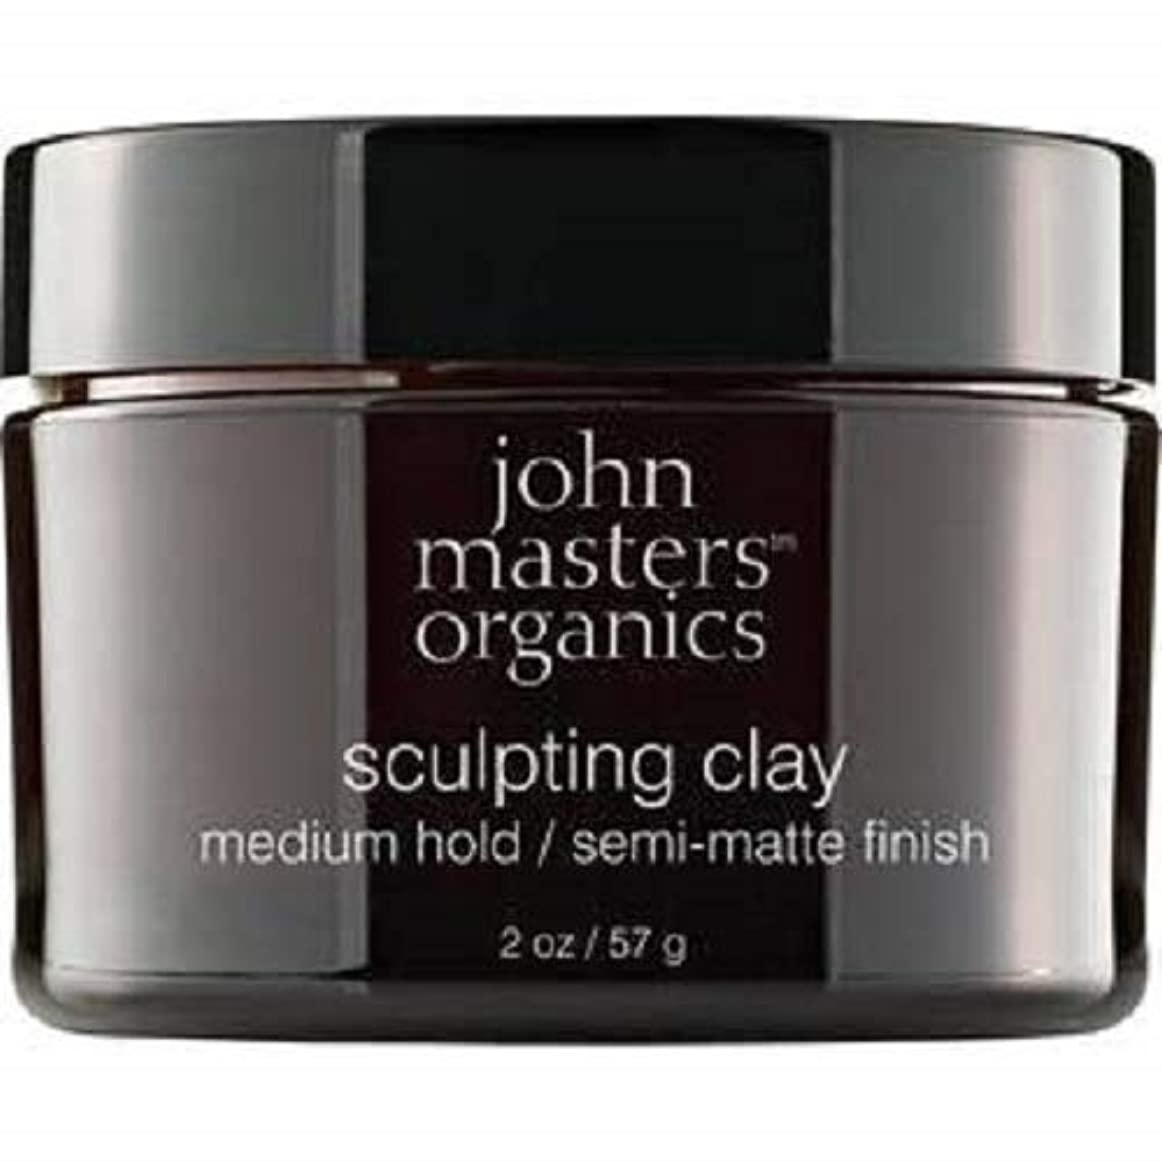 精神医学死んでいる間欠John Masters Organics Sculpting Clay medium hold / semi-matt finish 2 OZ,57 g